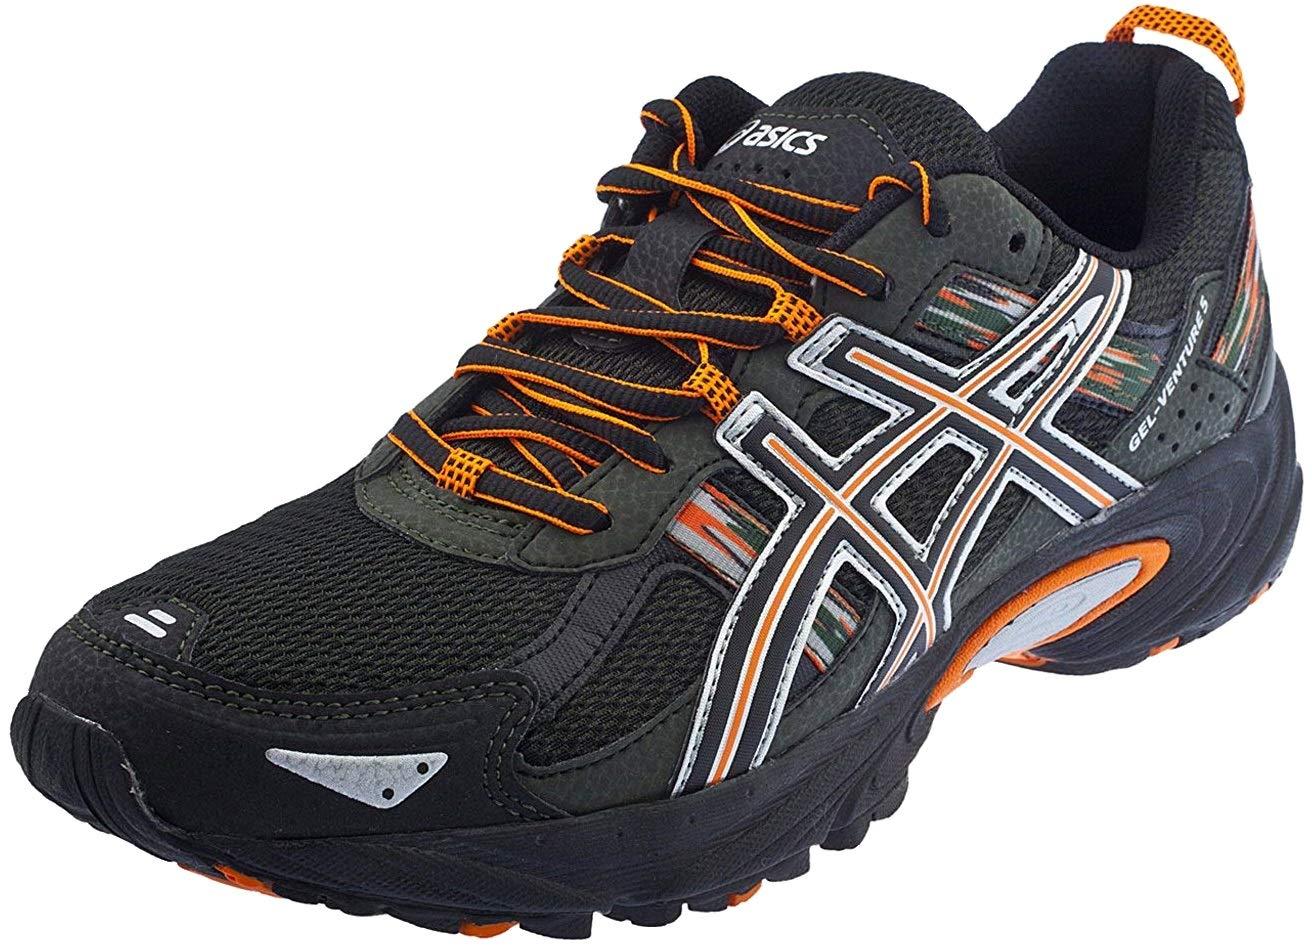 ASICS Men's Gel Venture 5 Running Shoe (8 D(M) US, Black/Shocking Orange/Duffel Bag)